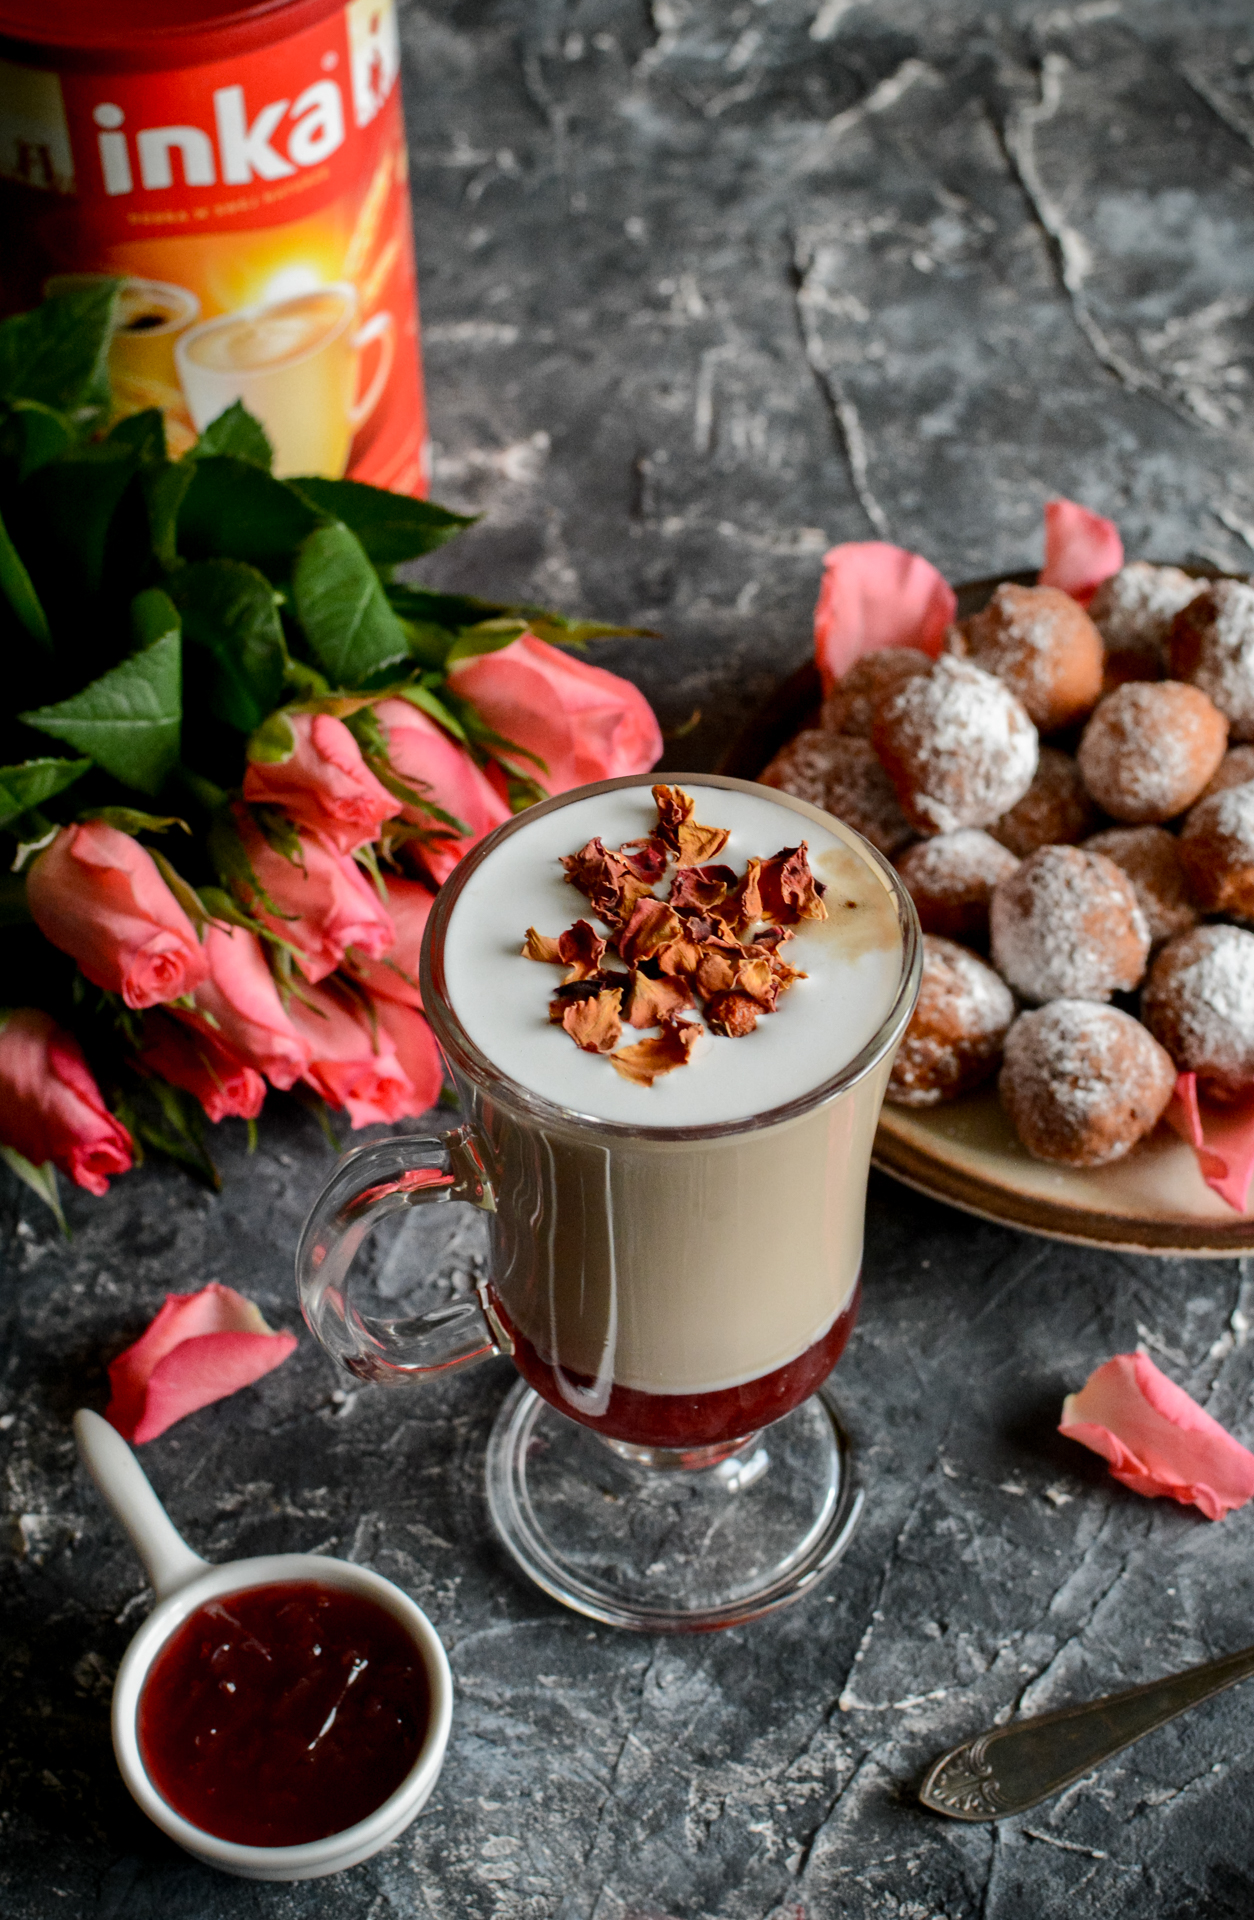 Różana kawa Inka i 15-minutowe pączkusie - mini pączki